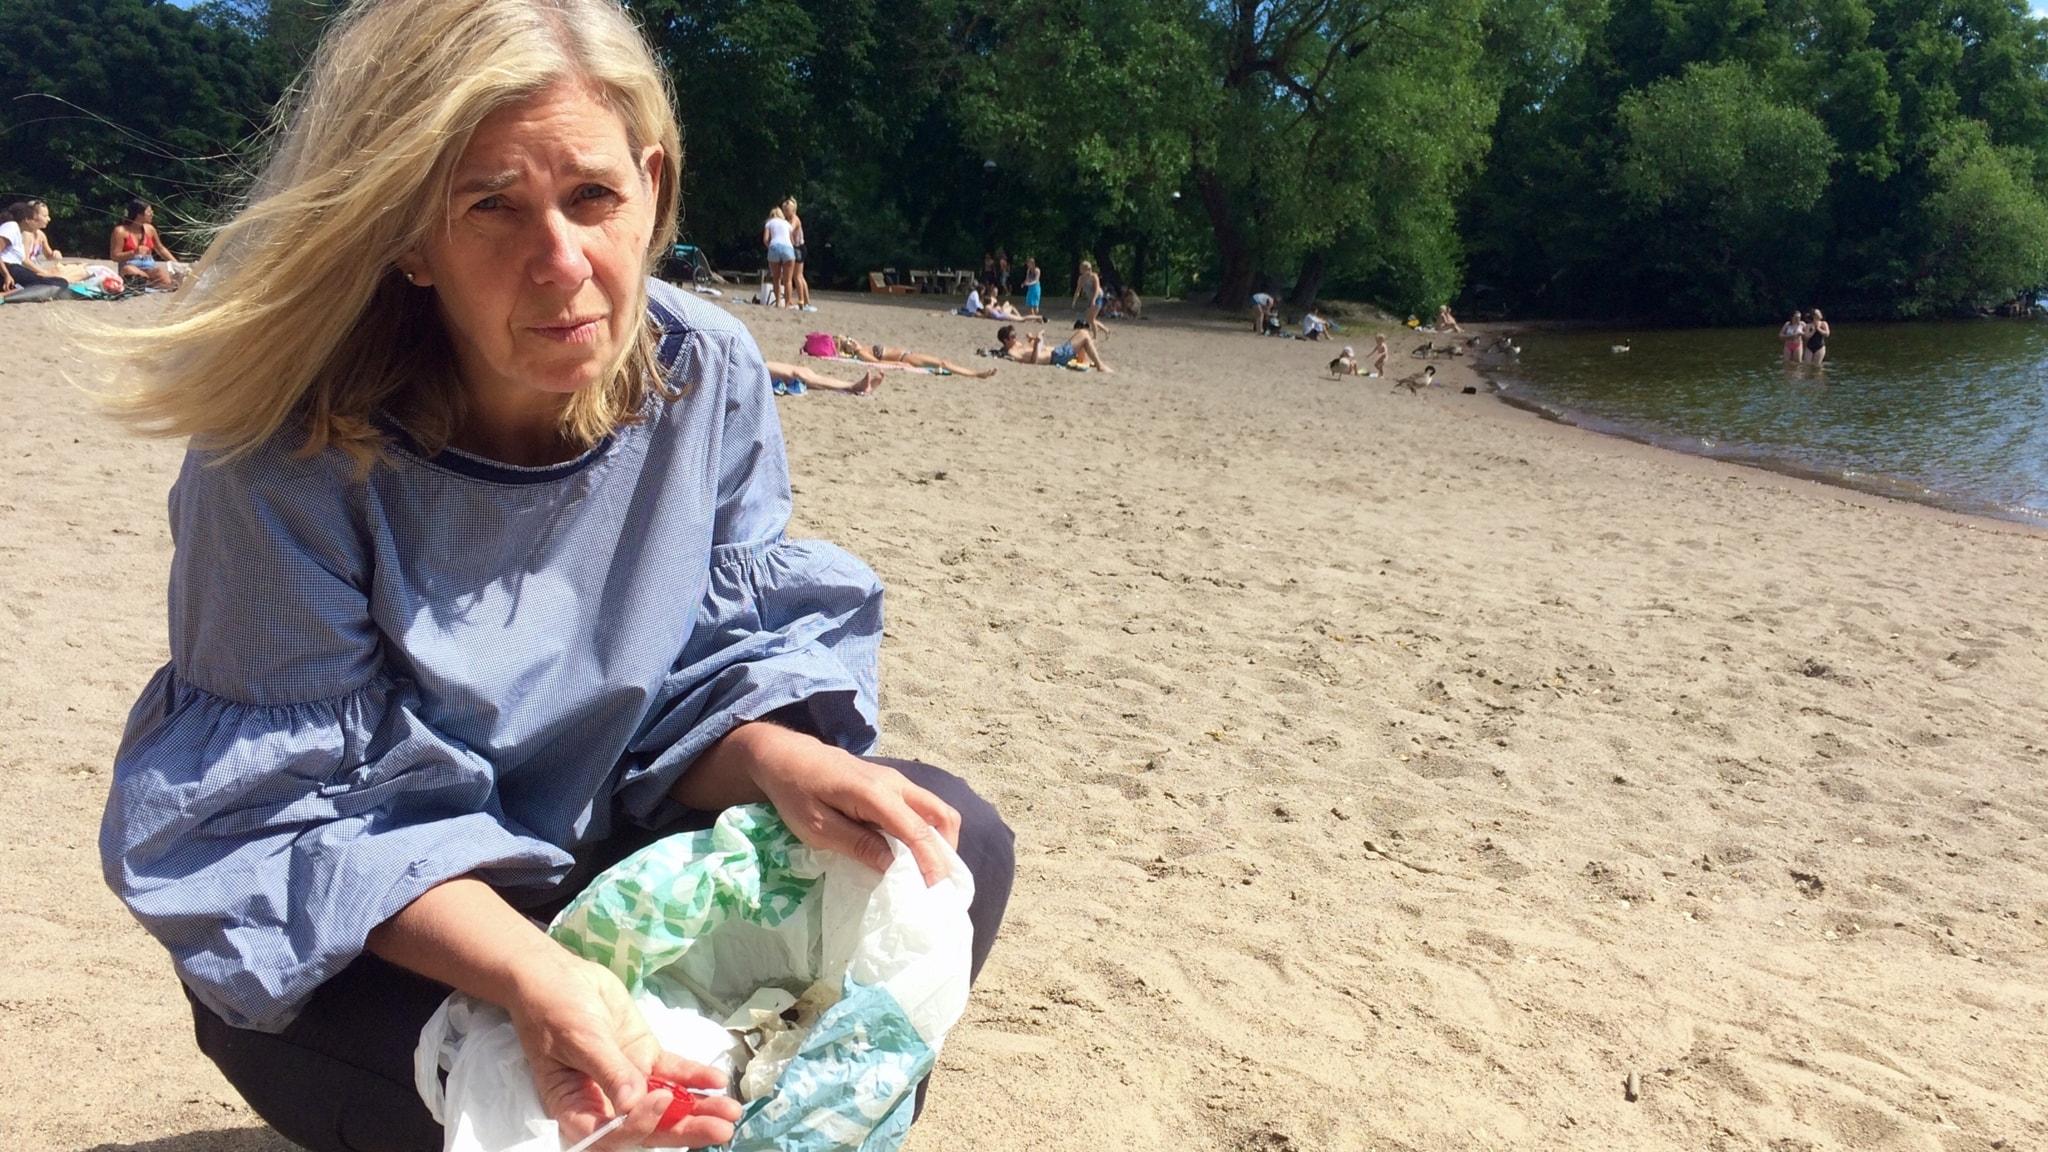 En kvinna sitter på en strand och lägger plastskräp i en plastpåse